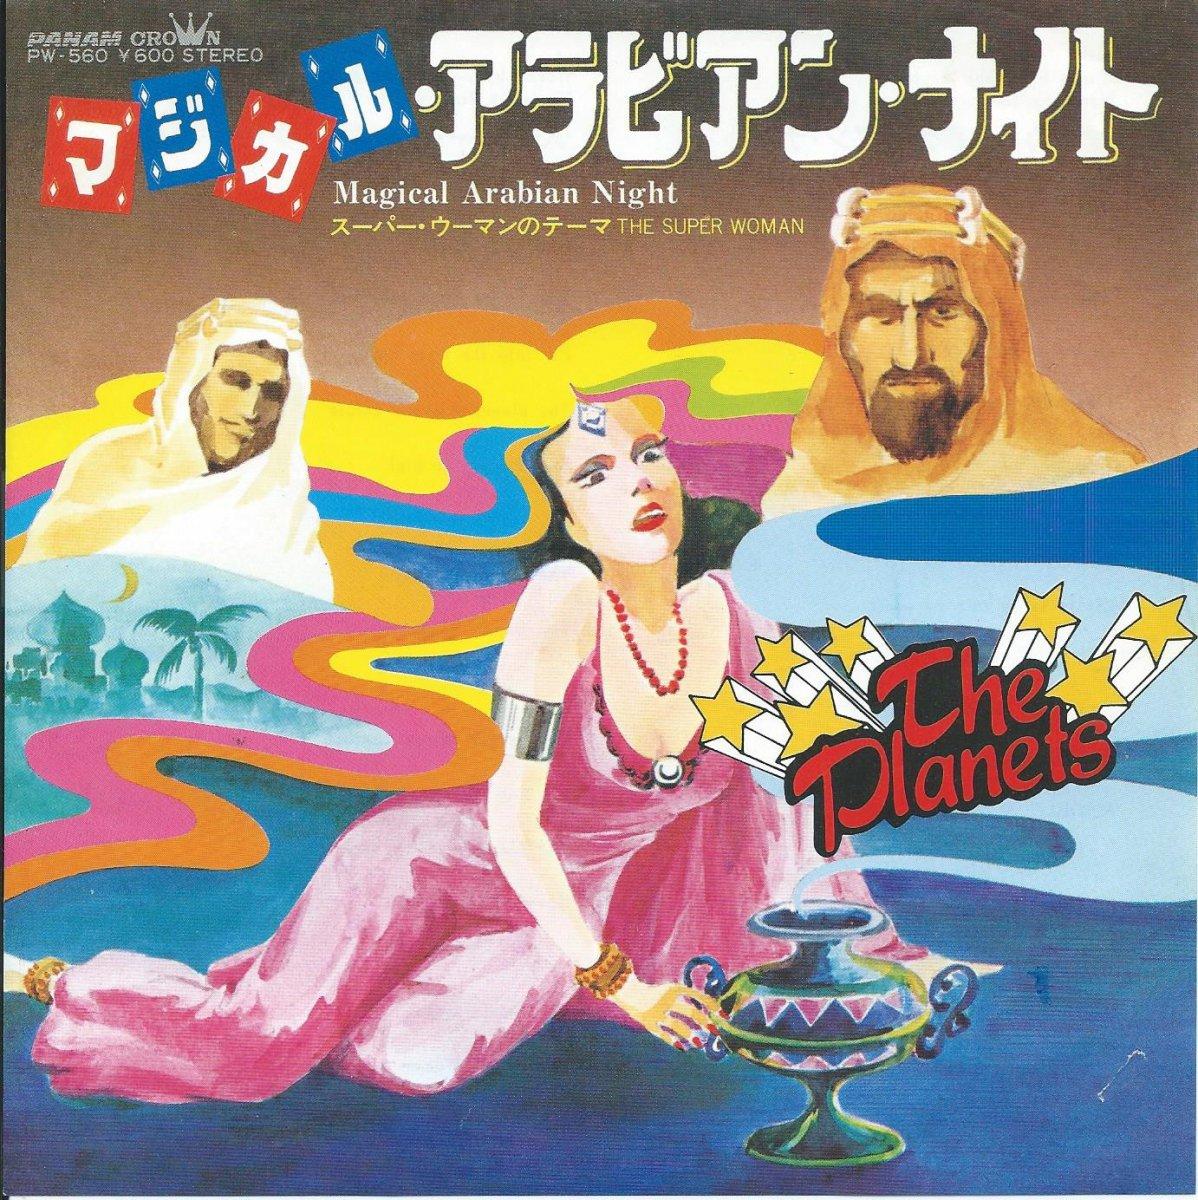 THE PLANETS / マジカル・アラビアン・ナイト MAGICAL ARABIAN NIGHT (7